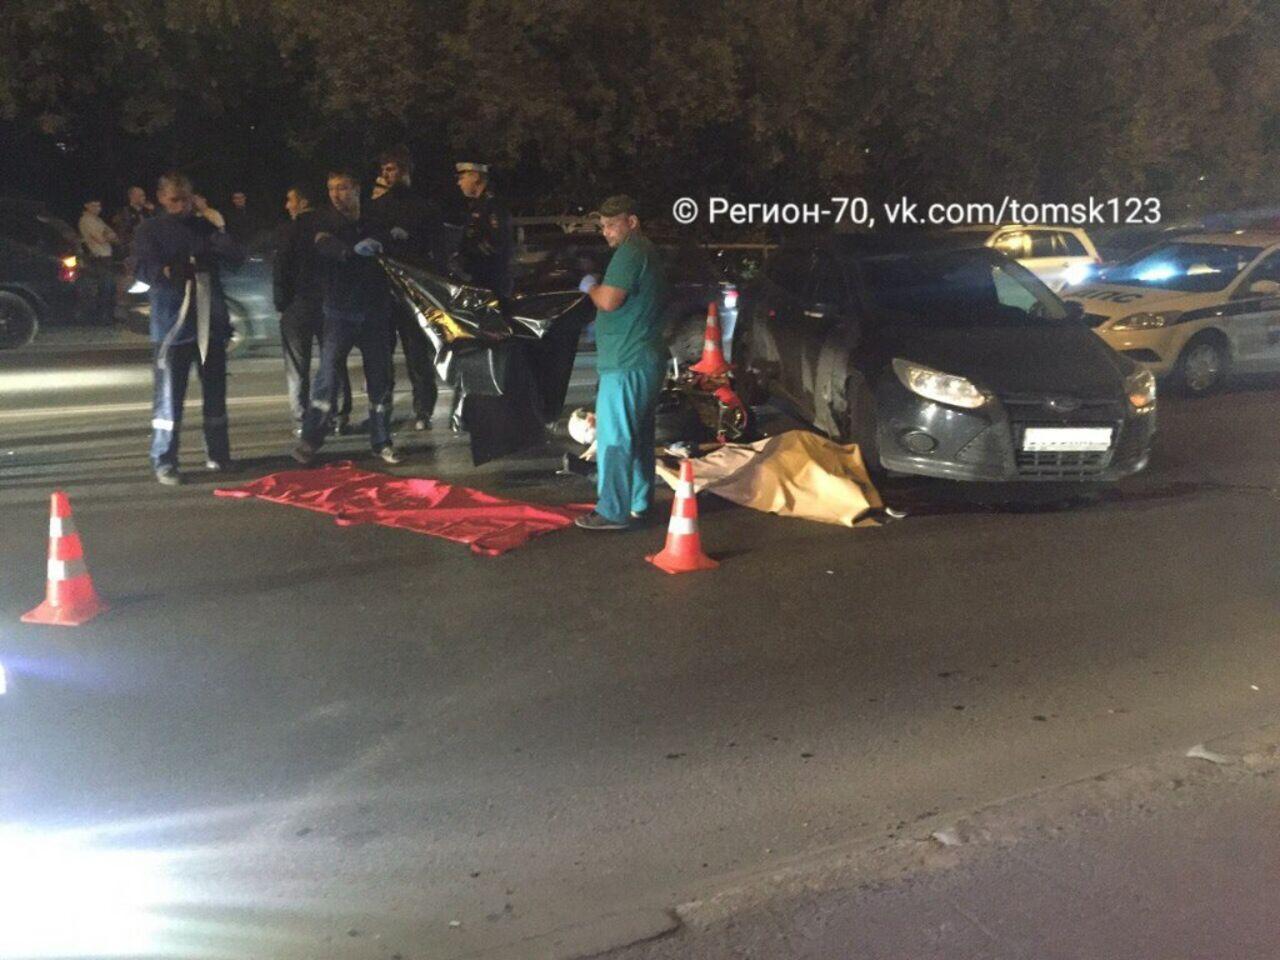 ВТомске вДТП наКрасноармейской умер мотоциклист